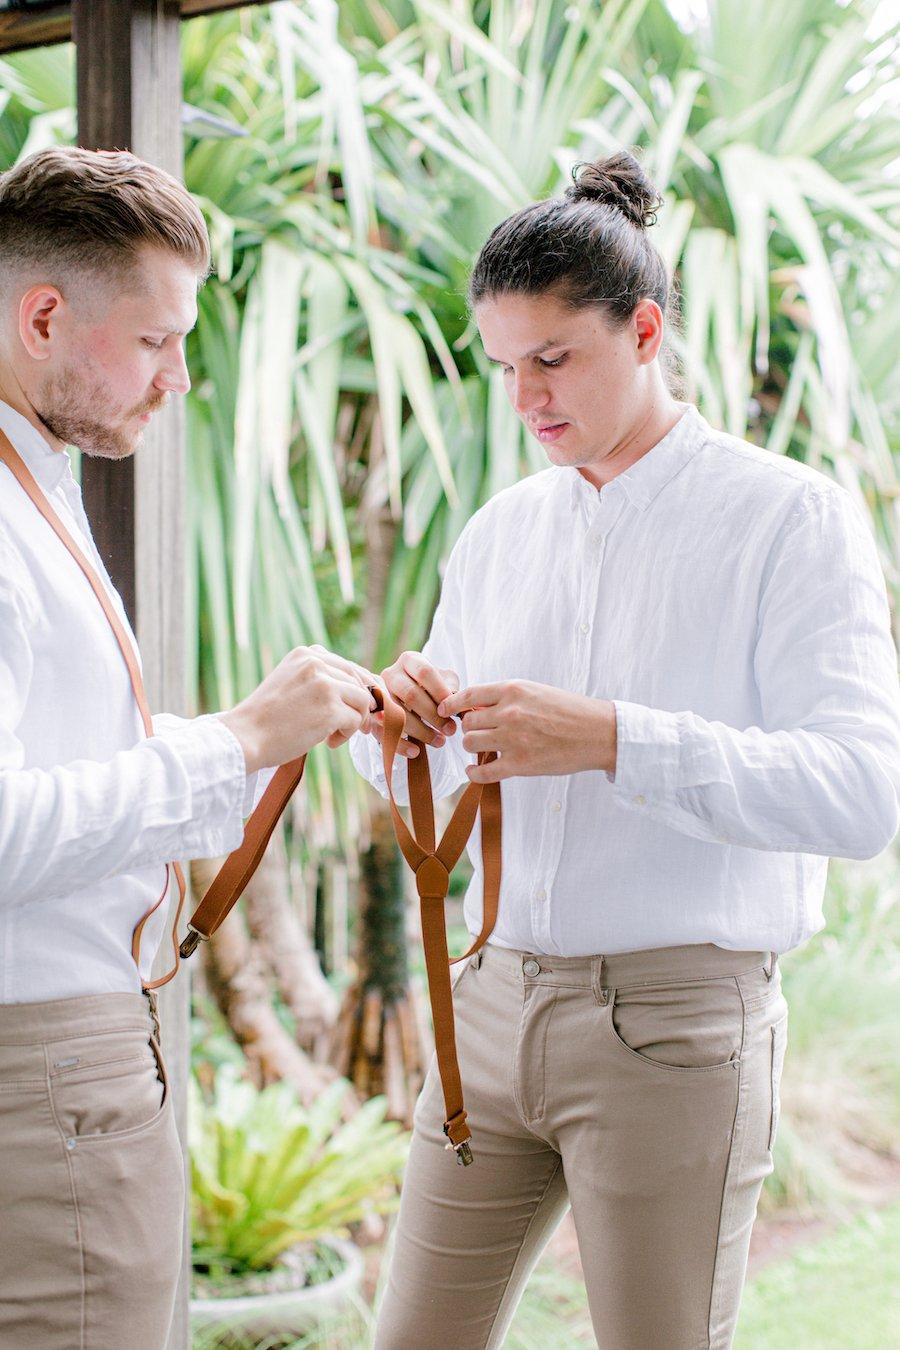 groom and groomsman getting dressed